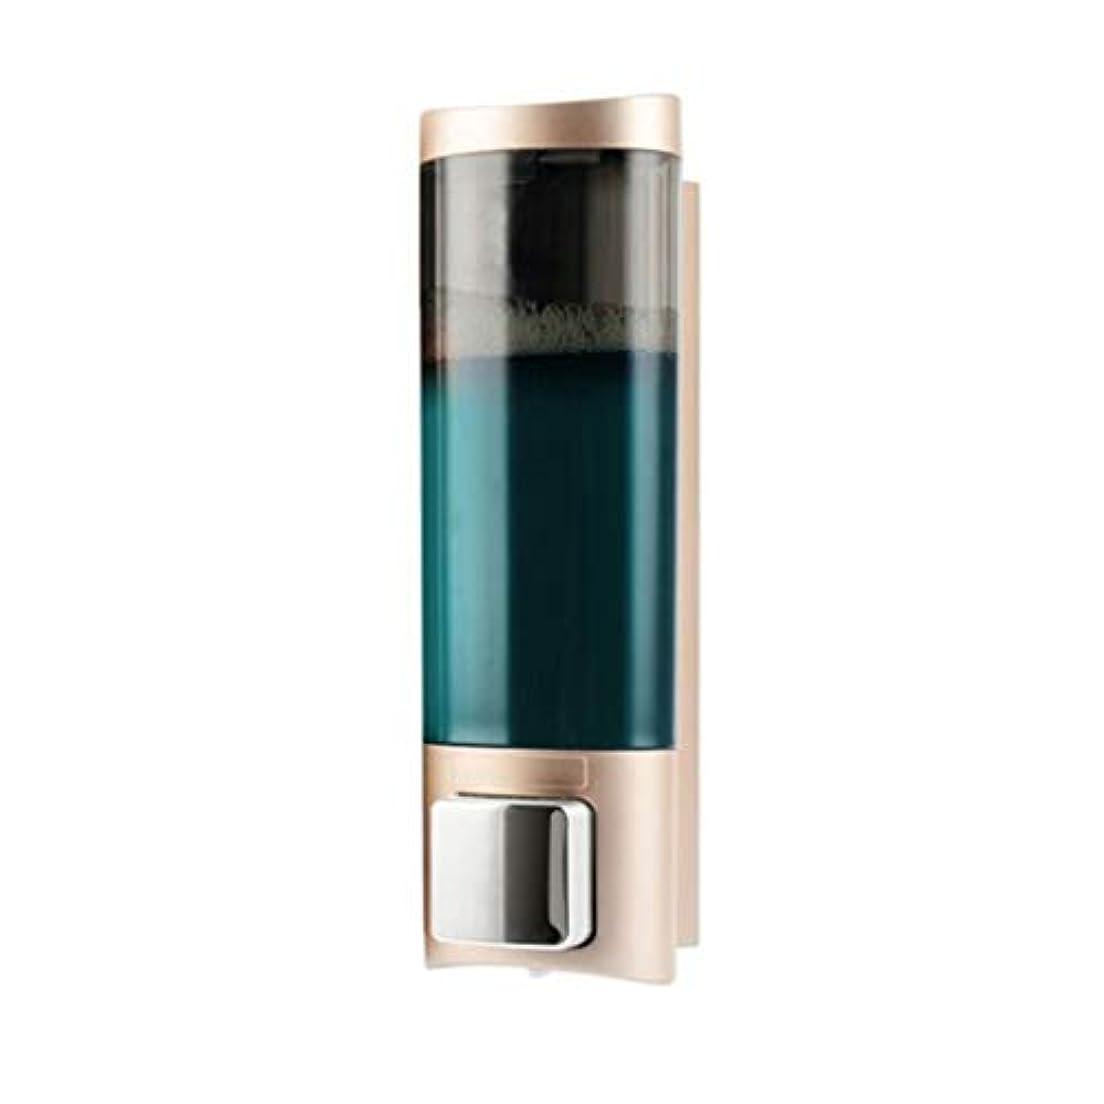 圧縮されたでるスイス人Kylinssh 液体石鹸ディスペンサーポンプ、浴室または台所、家のホテル - ステンレス鋼のために理想的な壁の台紙の石鹸/ローションディスペンサーポンプ